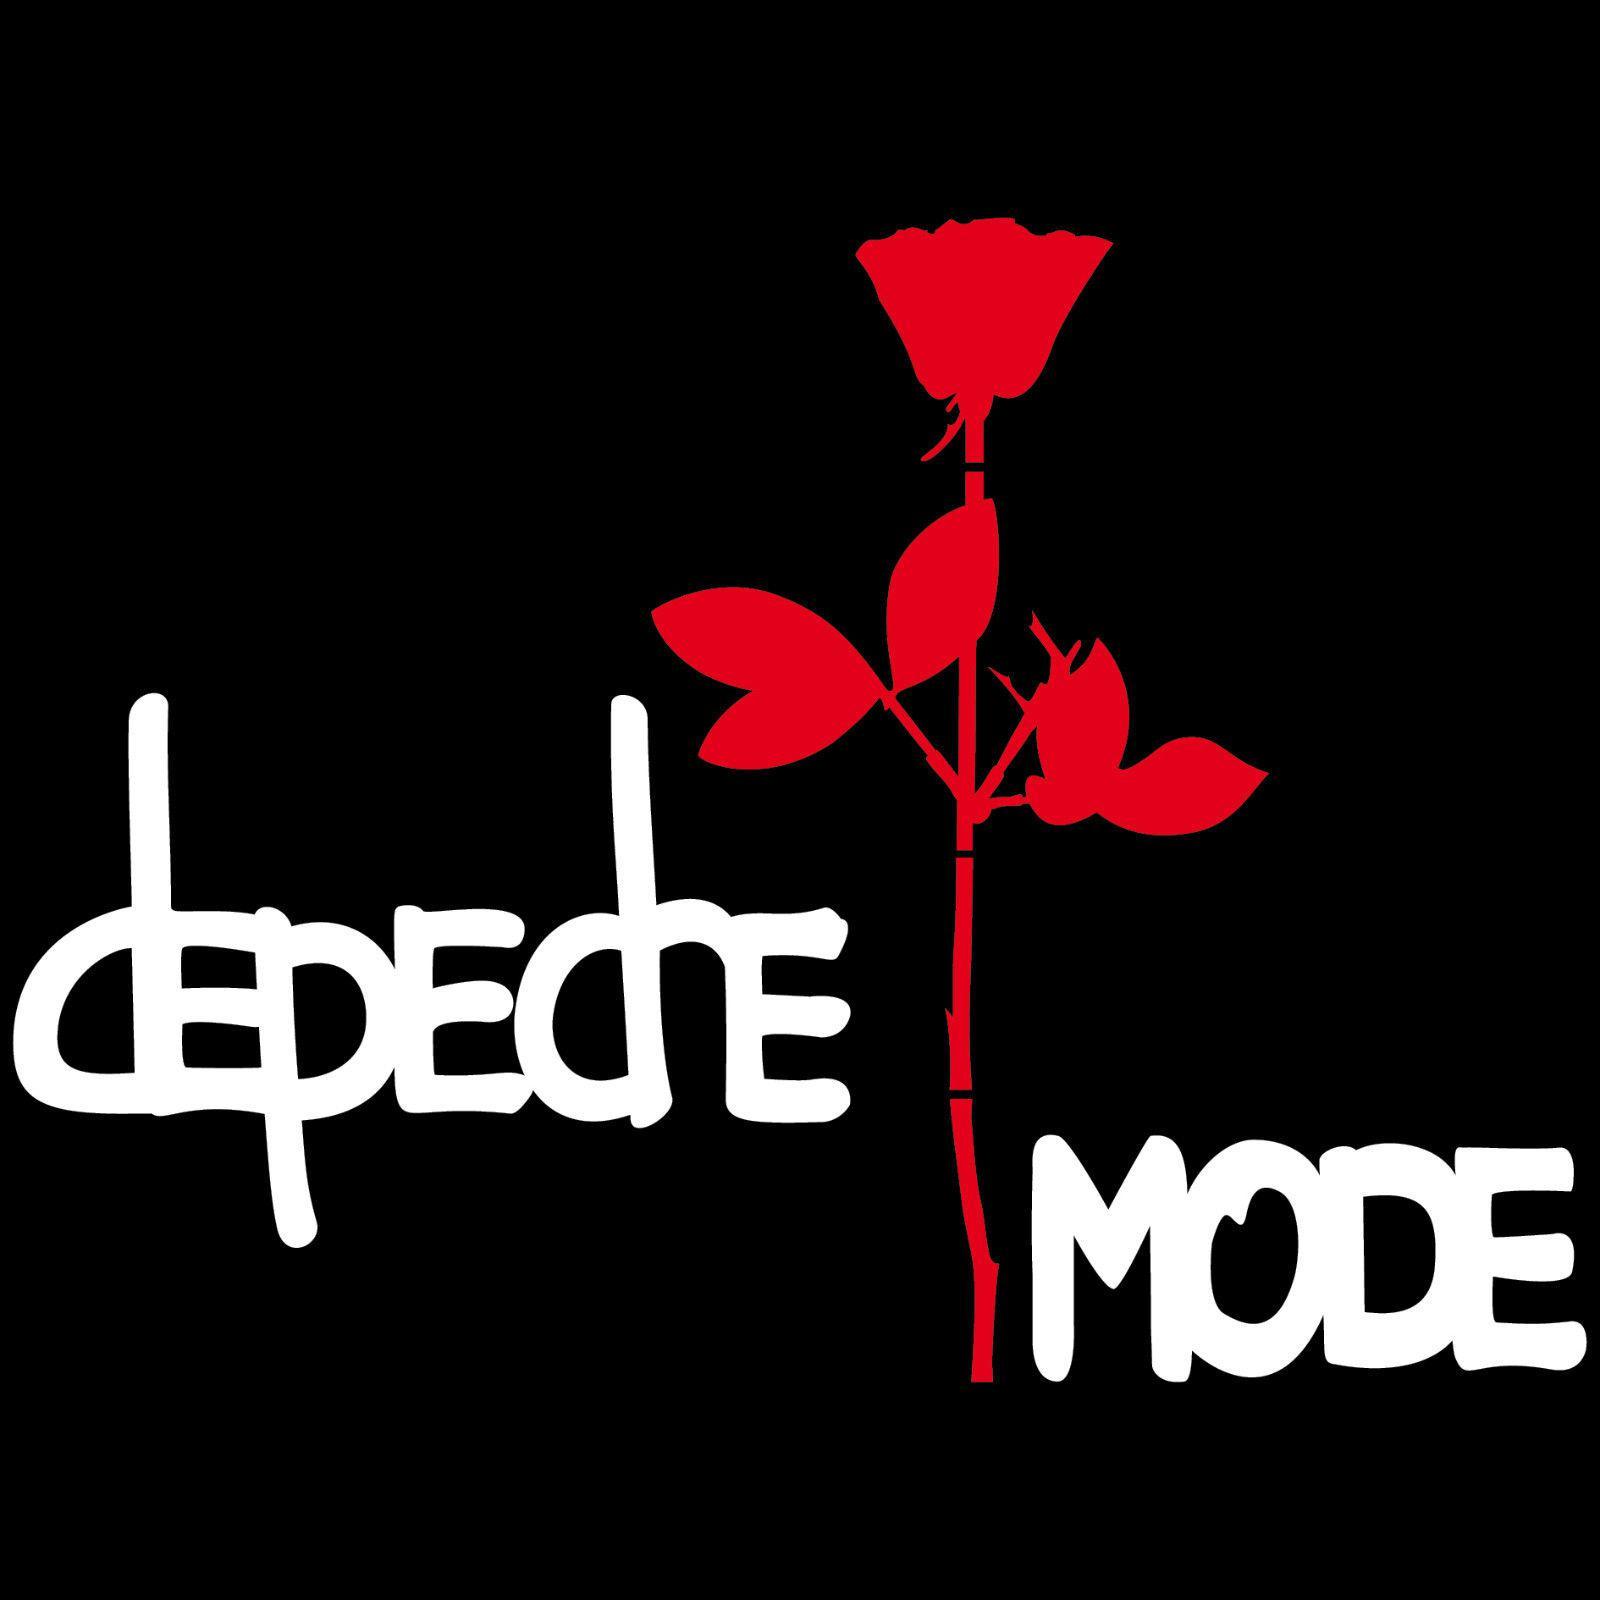 Cute Wallpapers Flower Depeche Mode Rose Logo 92687 Loadtve